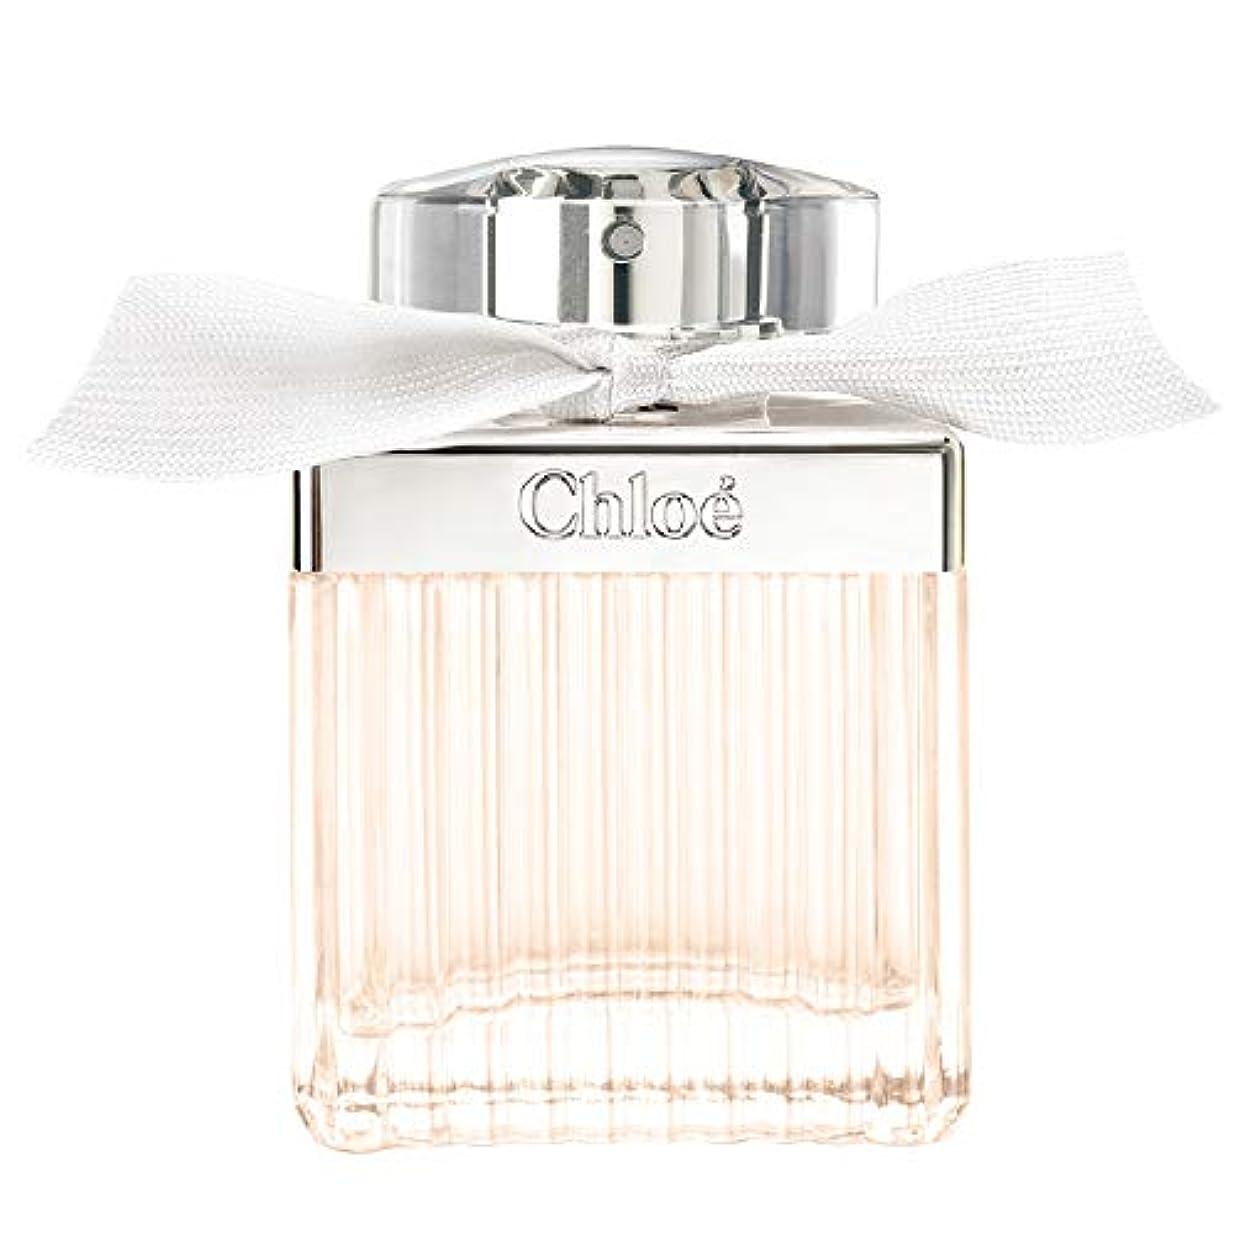 事業内容不良品振り返るクロエ chloe オードパルファム 75ml EDP レディース 香水 フレグランス 女性用 [並行輸入品]